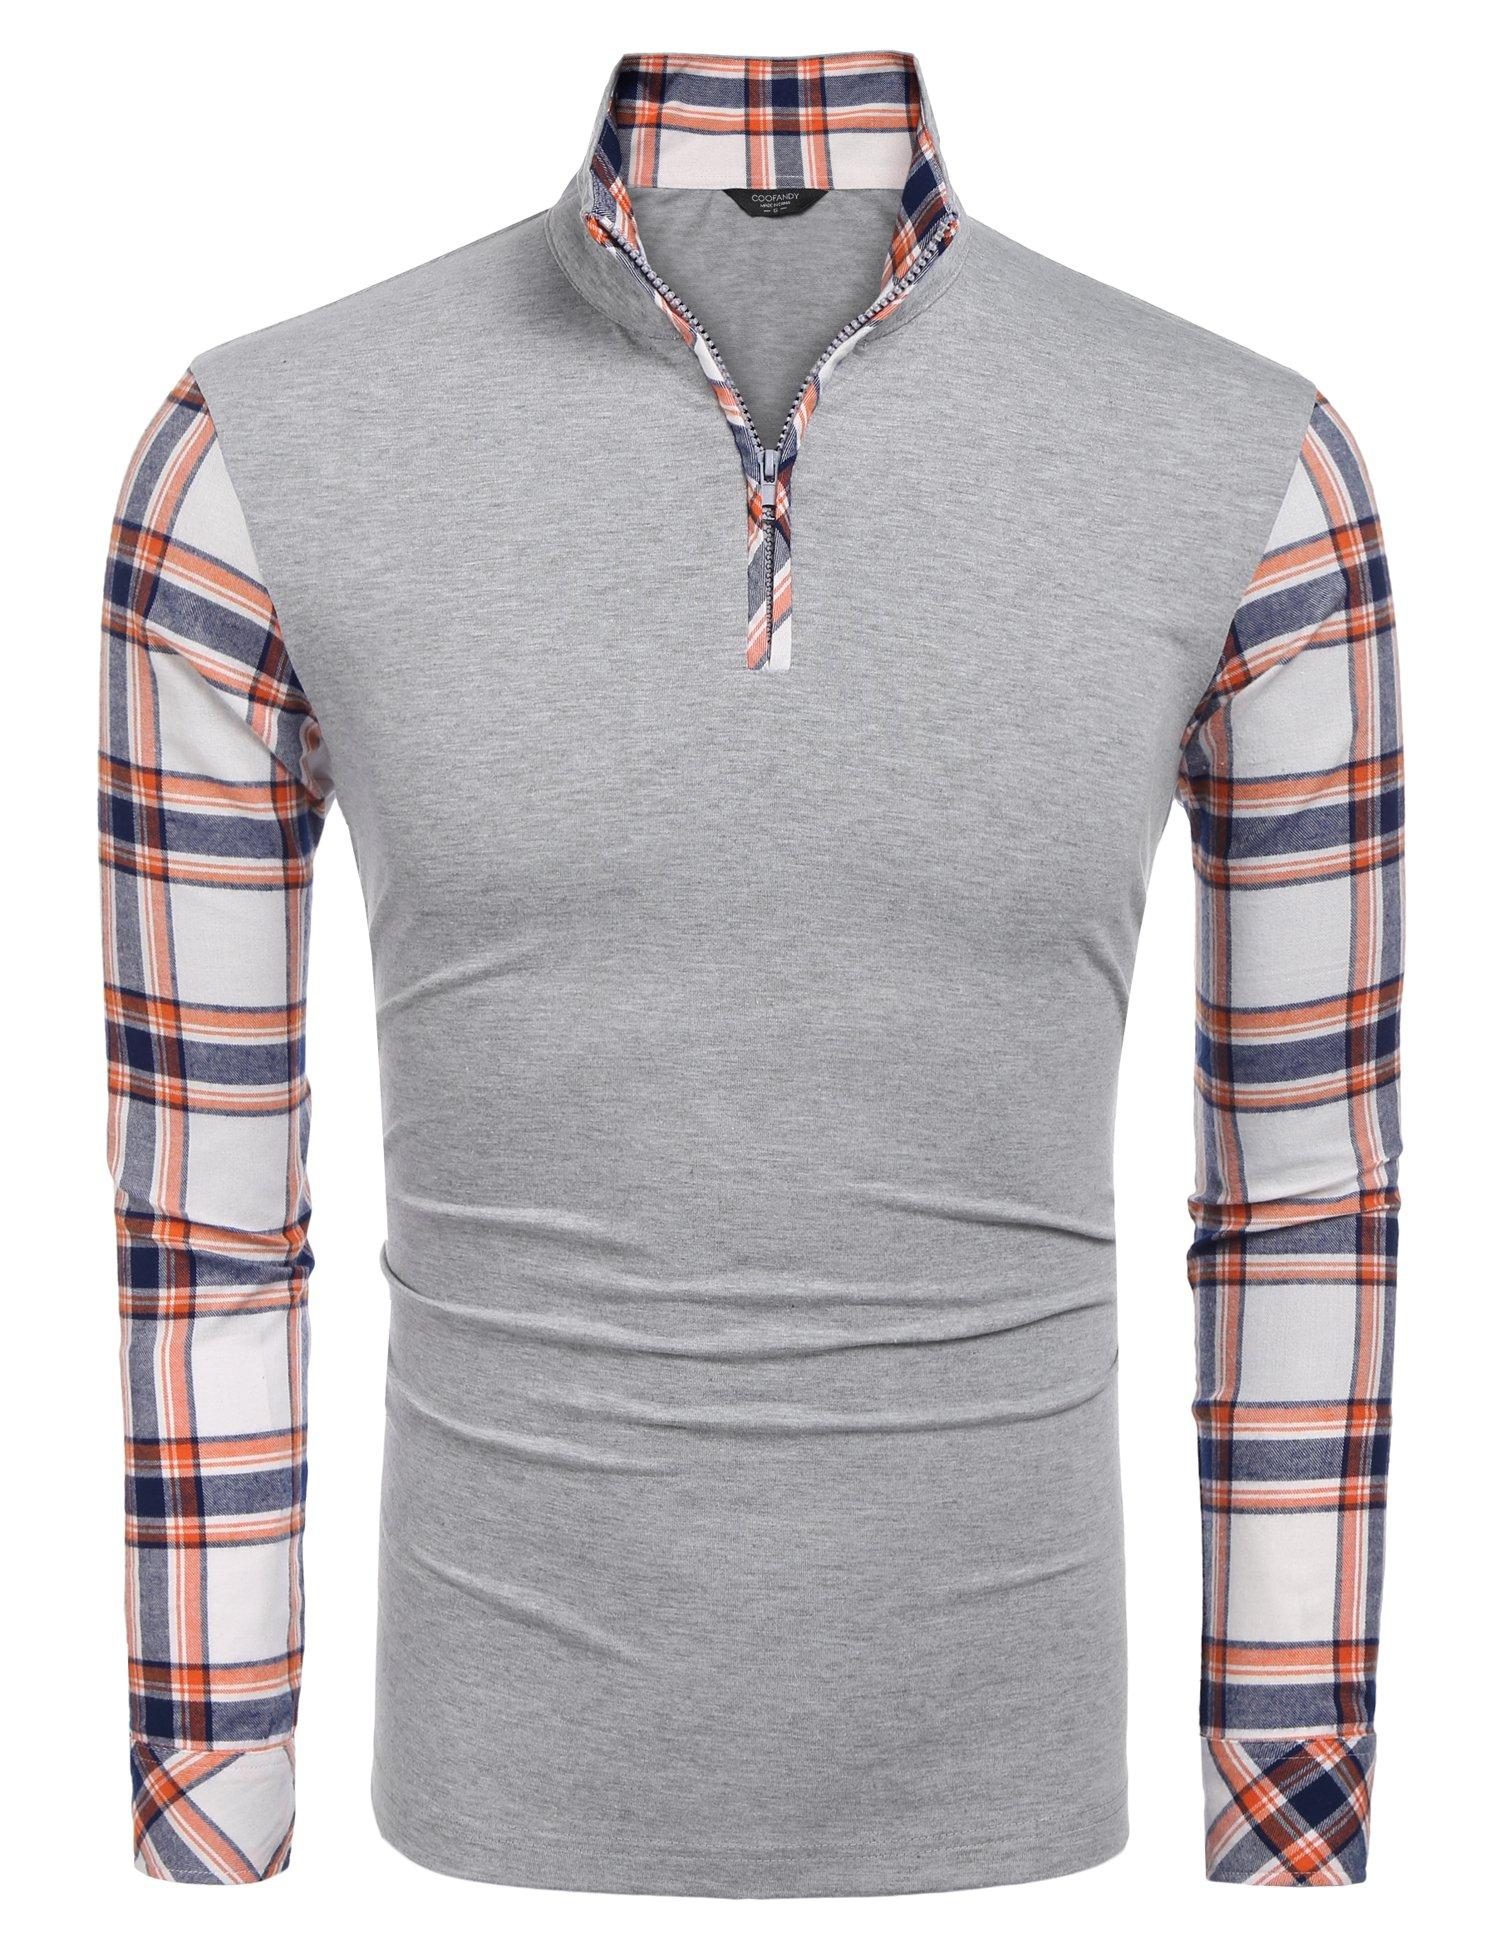 Coofandy Men's Stylish Design Shawl Collar Cardigan Sweater, Grey, Medium